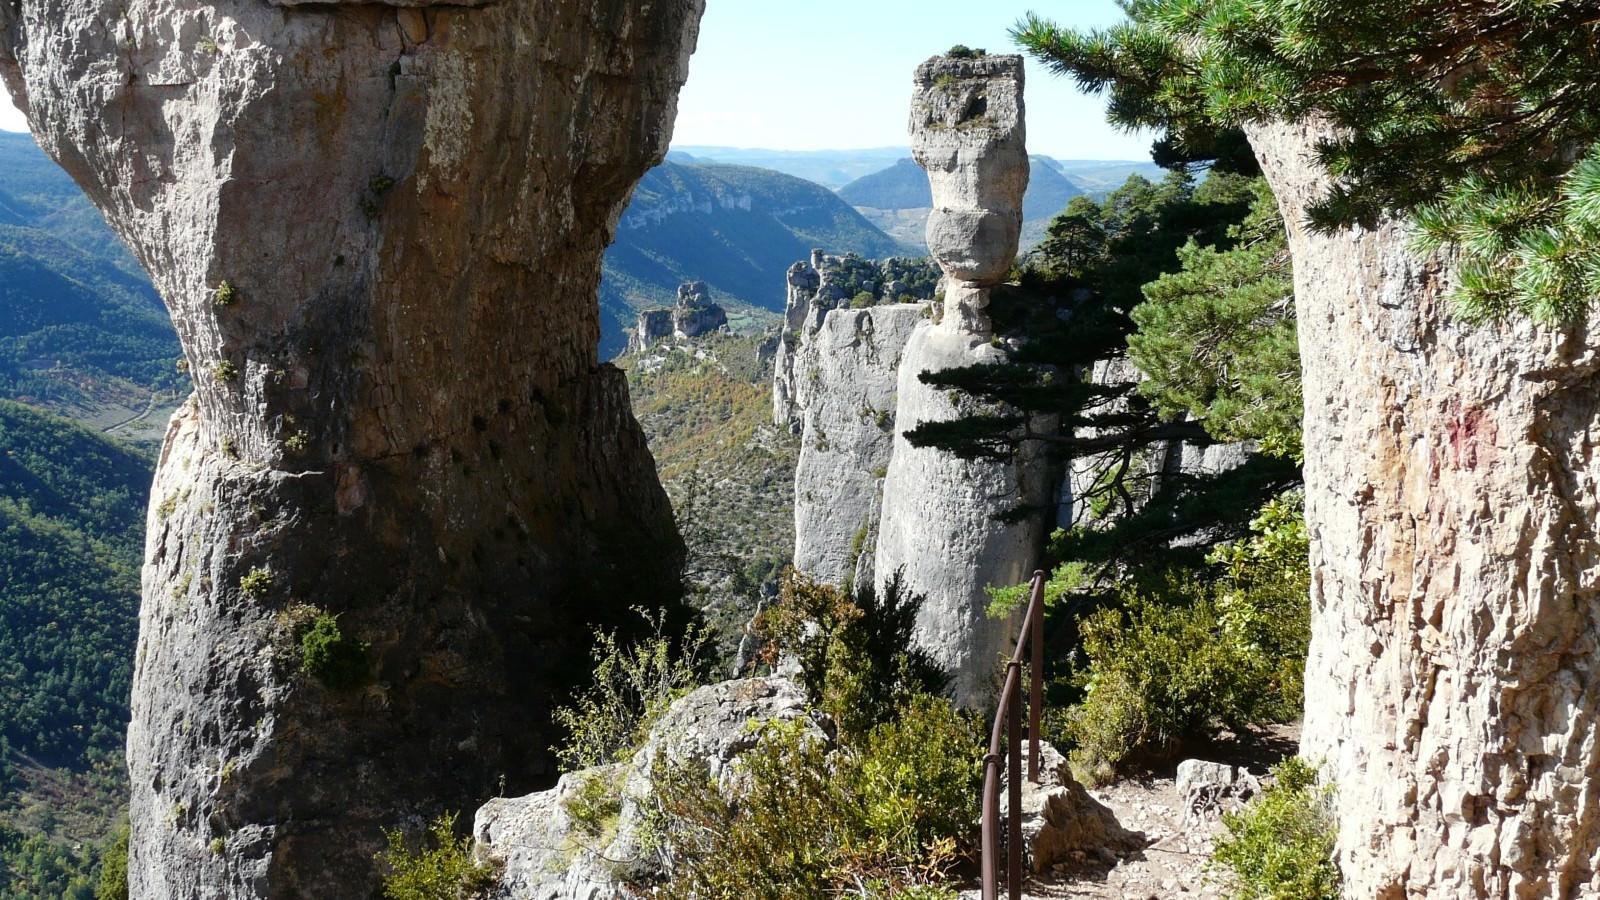 Randonnée Gorges de la Jonte